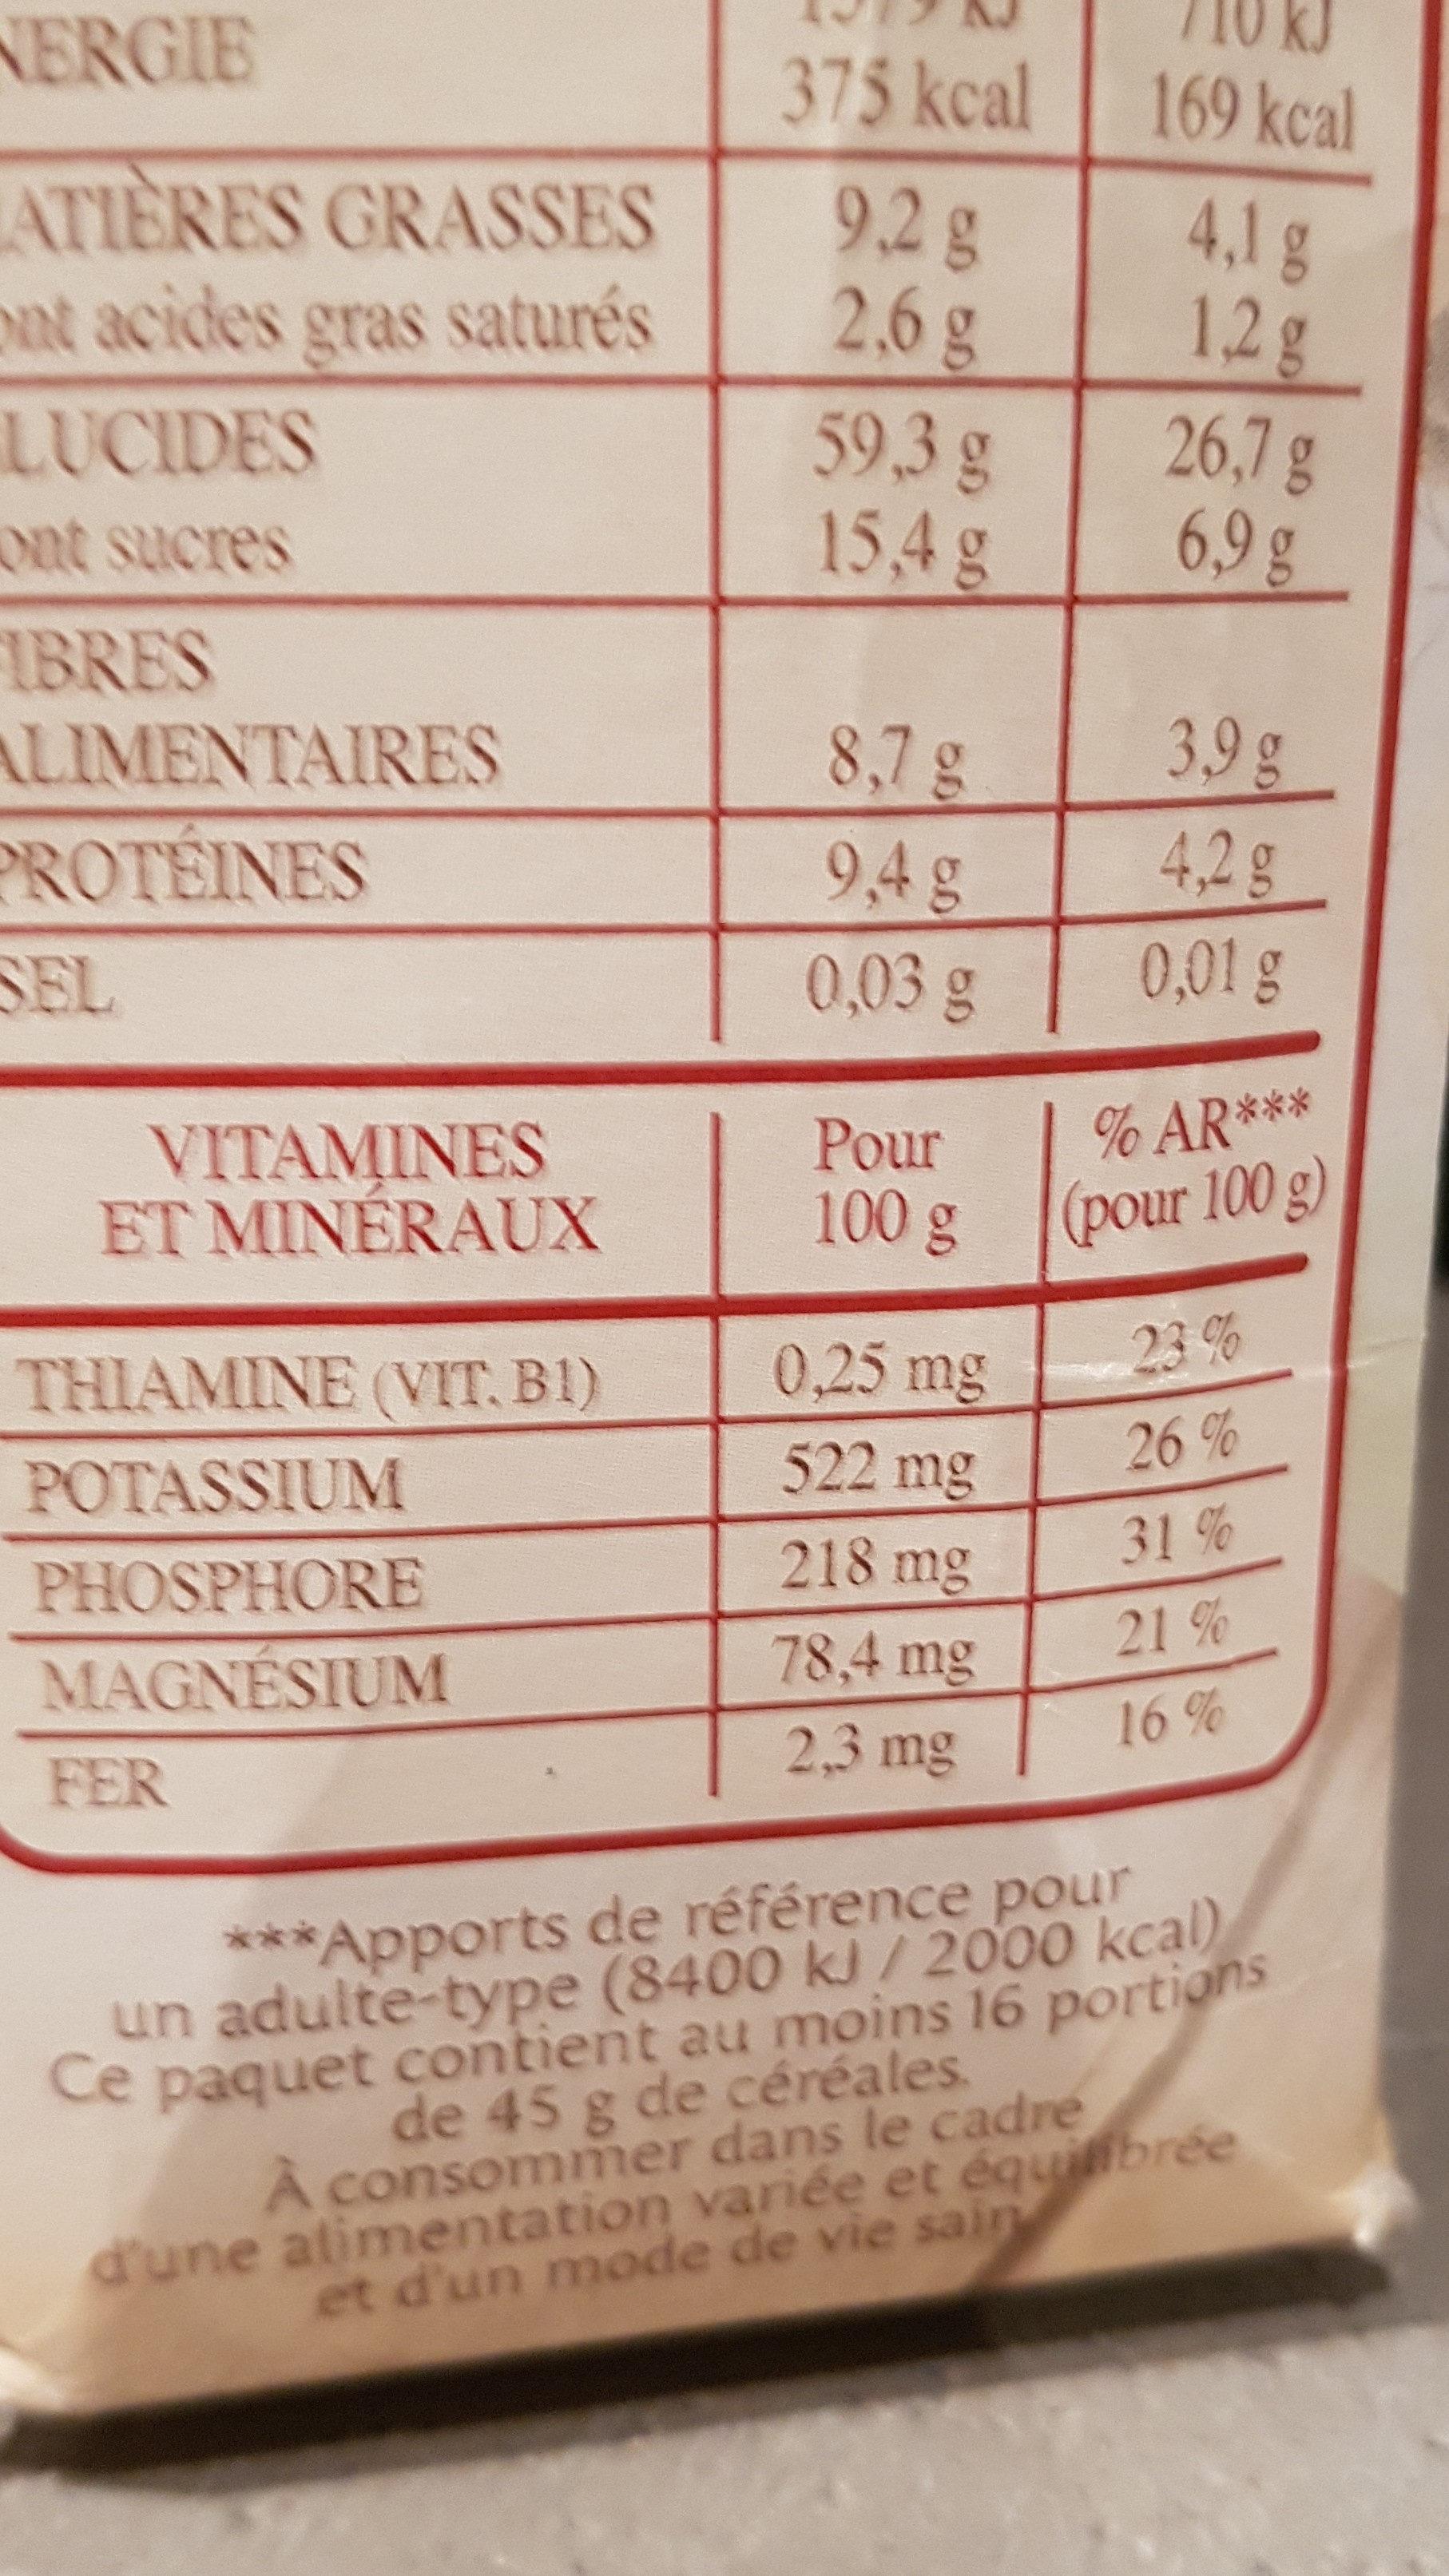 Spécial muesli - Informations nutritionnelles